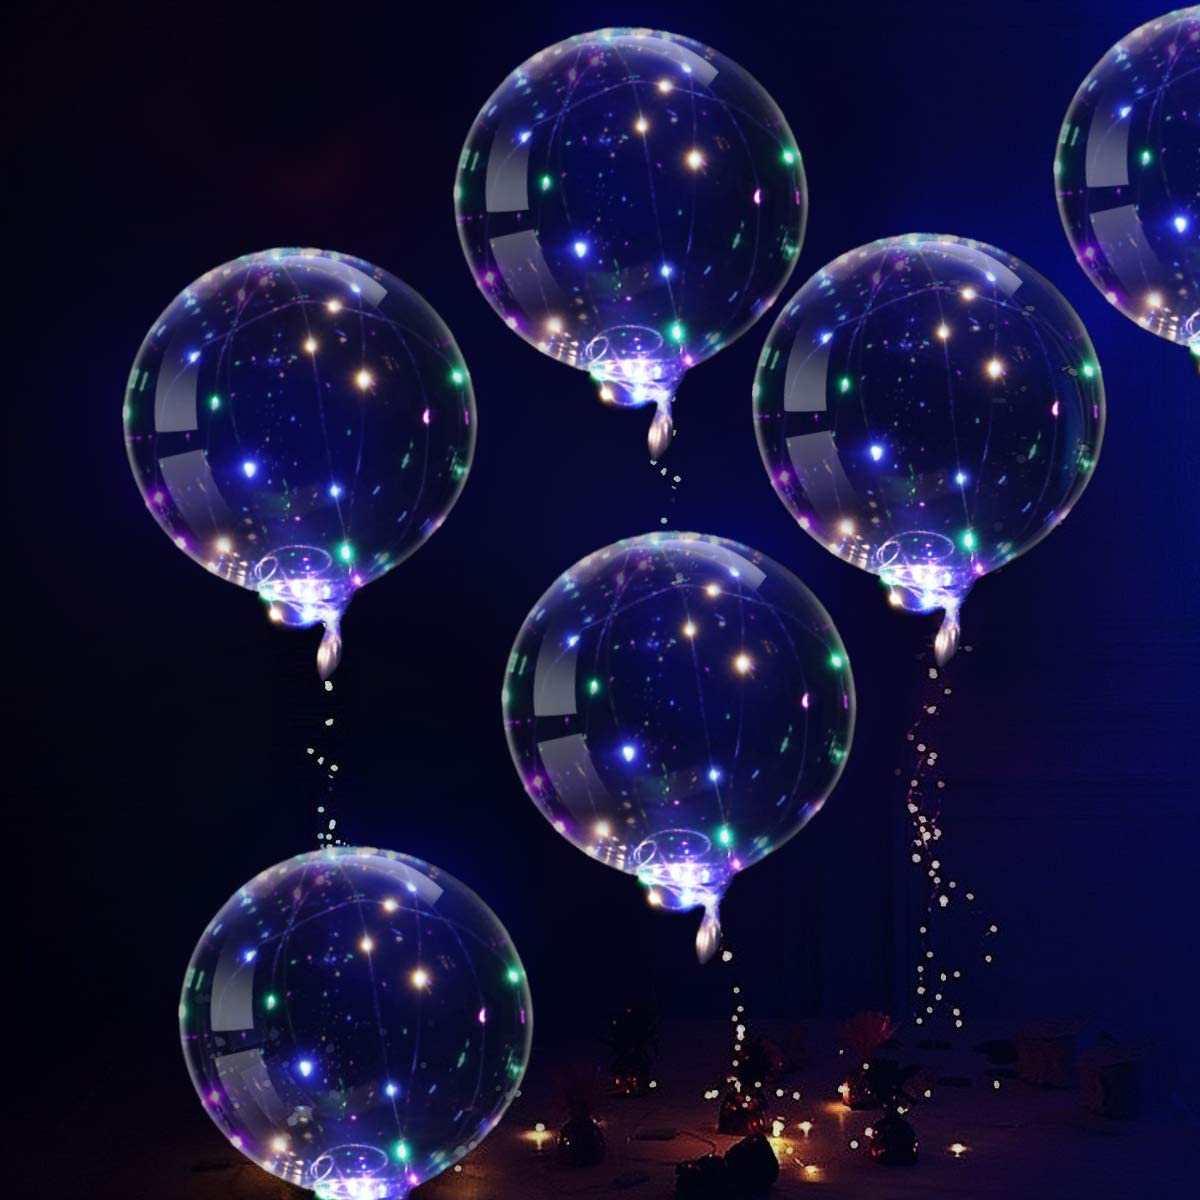 couleur ledmomo ballons LED Ballons Lumineux 20/pouces ballons transparents clignotant avec fil de cuivre de 3/m et barre lumineuse LED